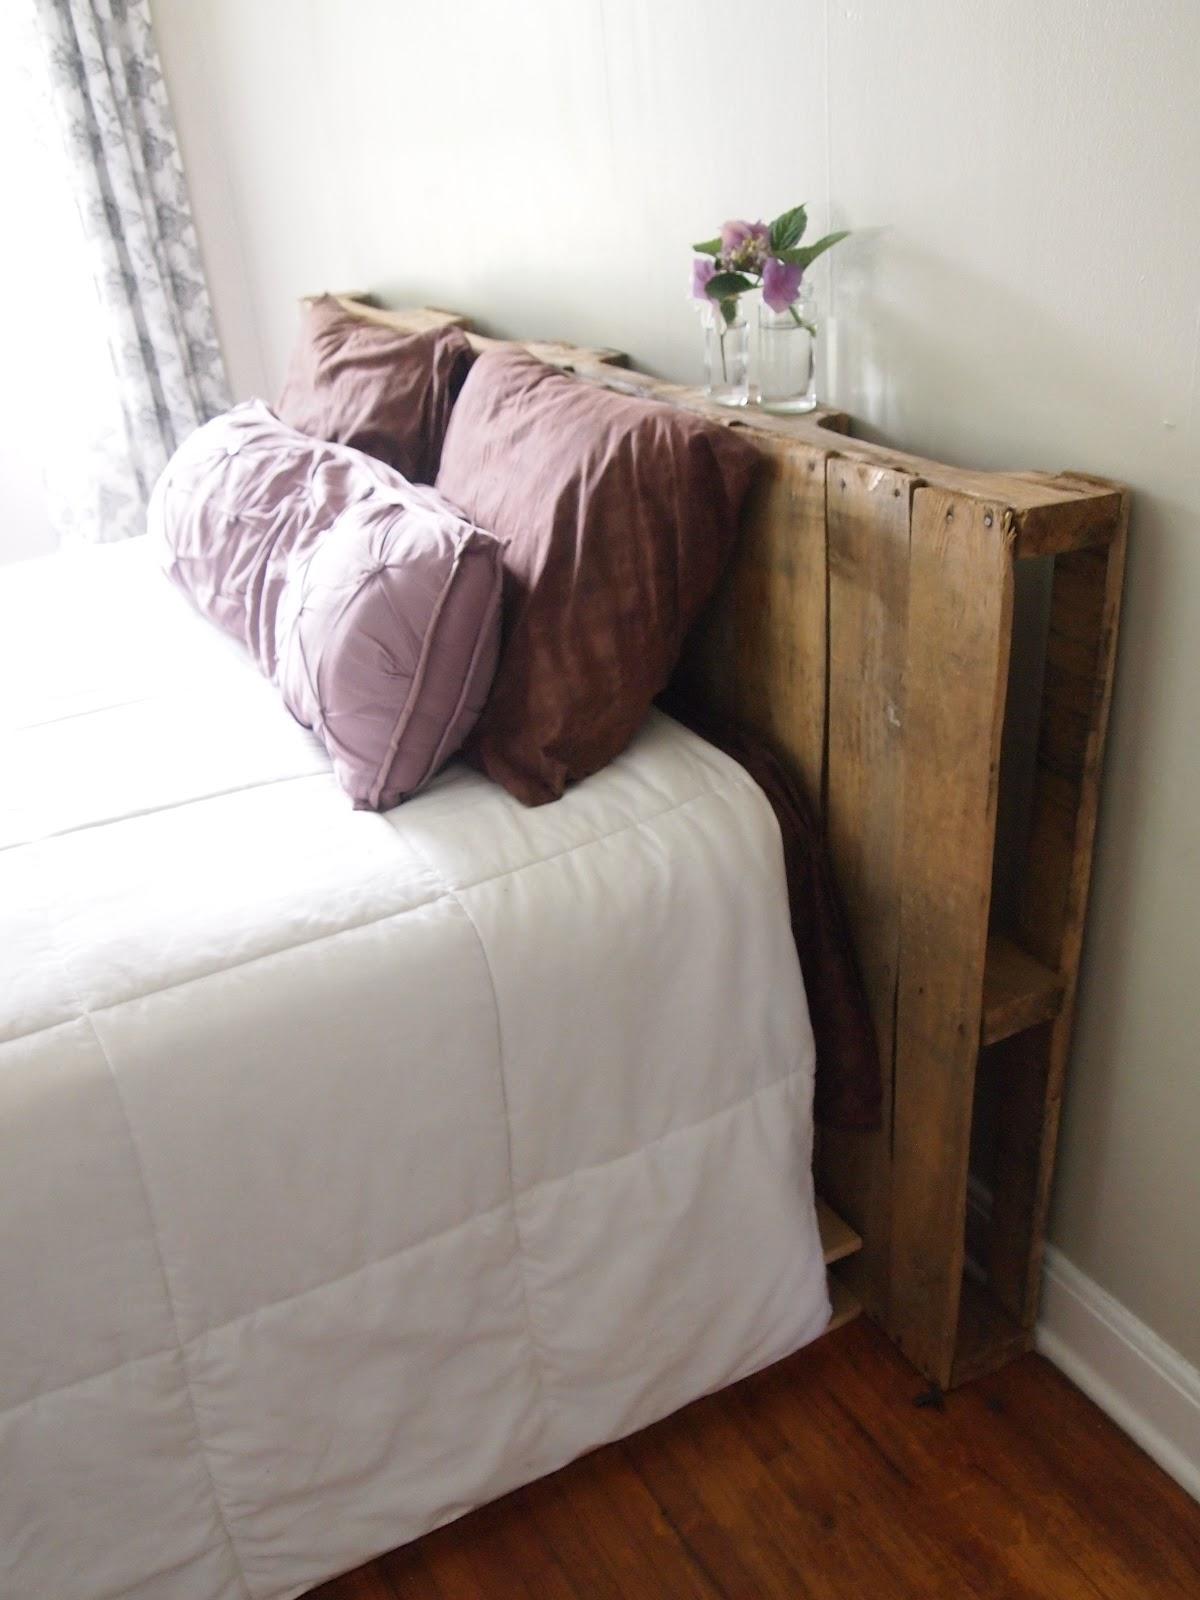 Erschwinglich Metal Bett Bilder Von Bett Design